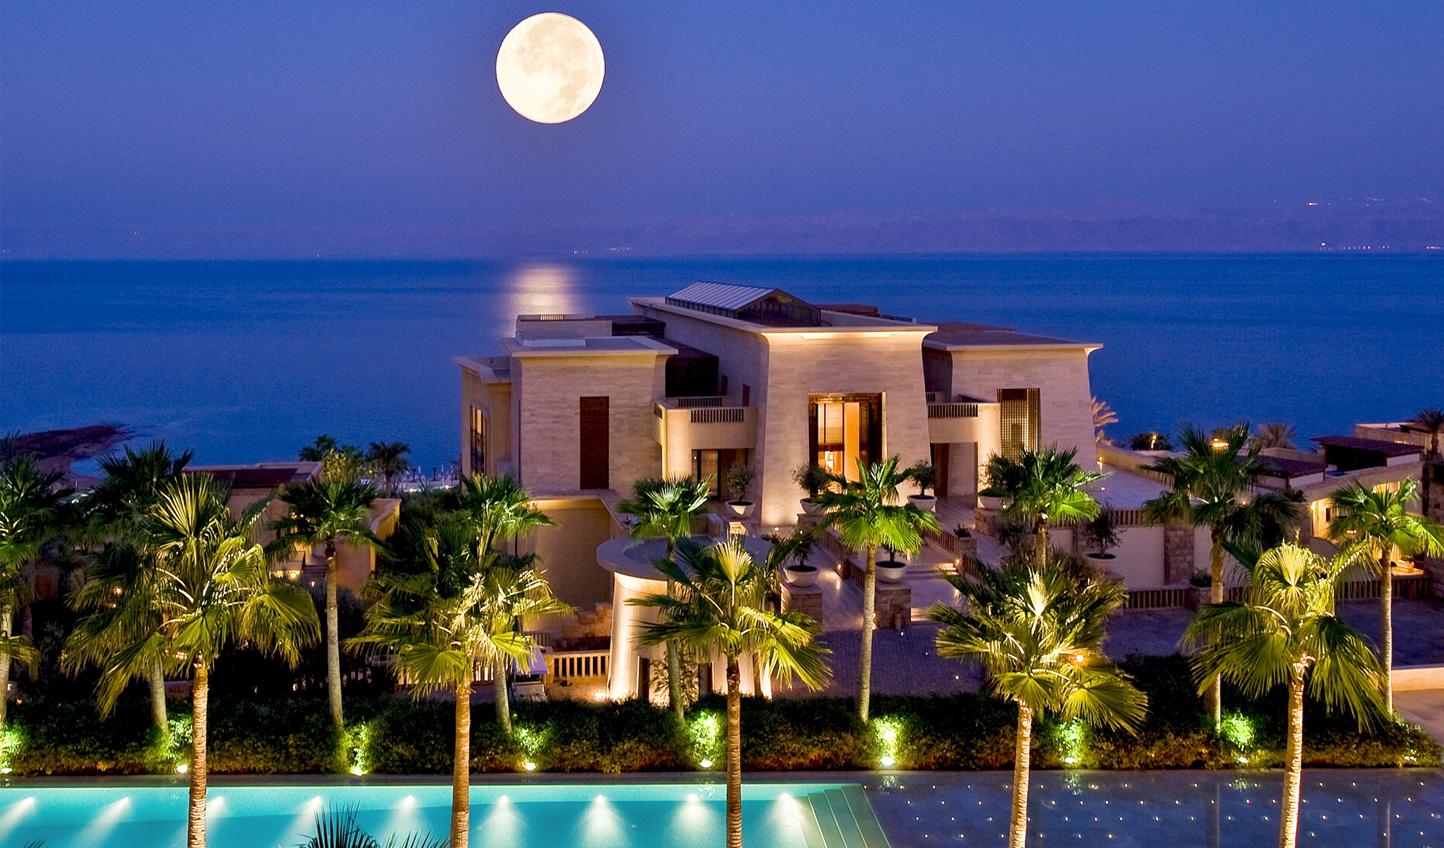 A beautiful setting on the Dead Sea